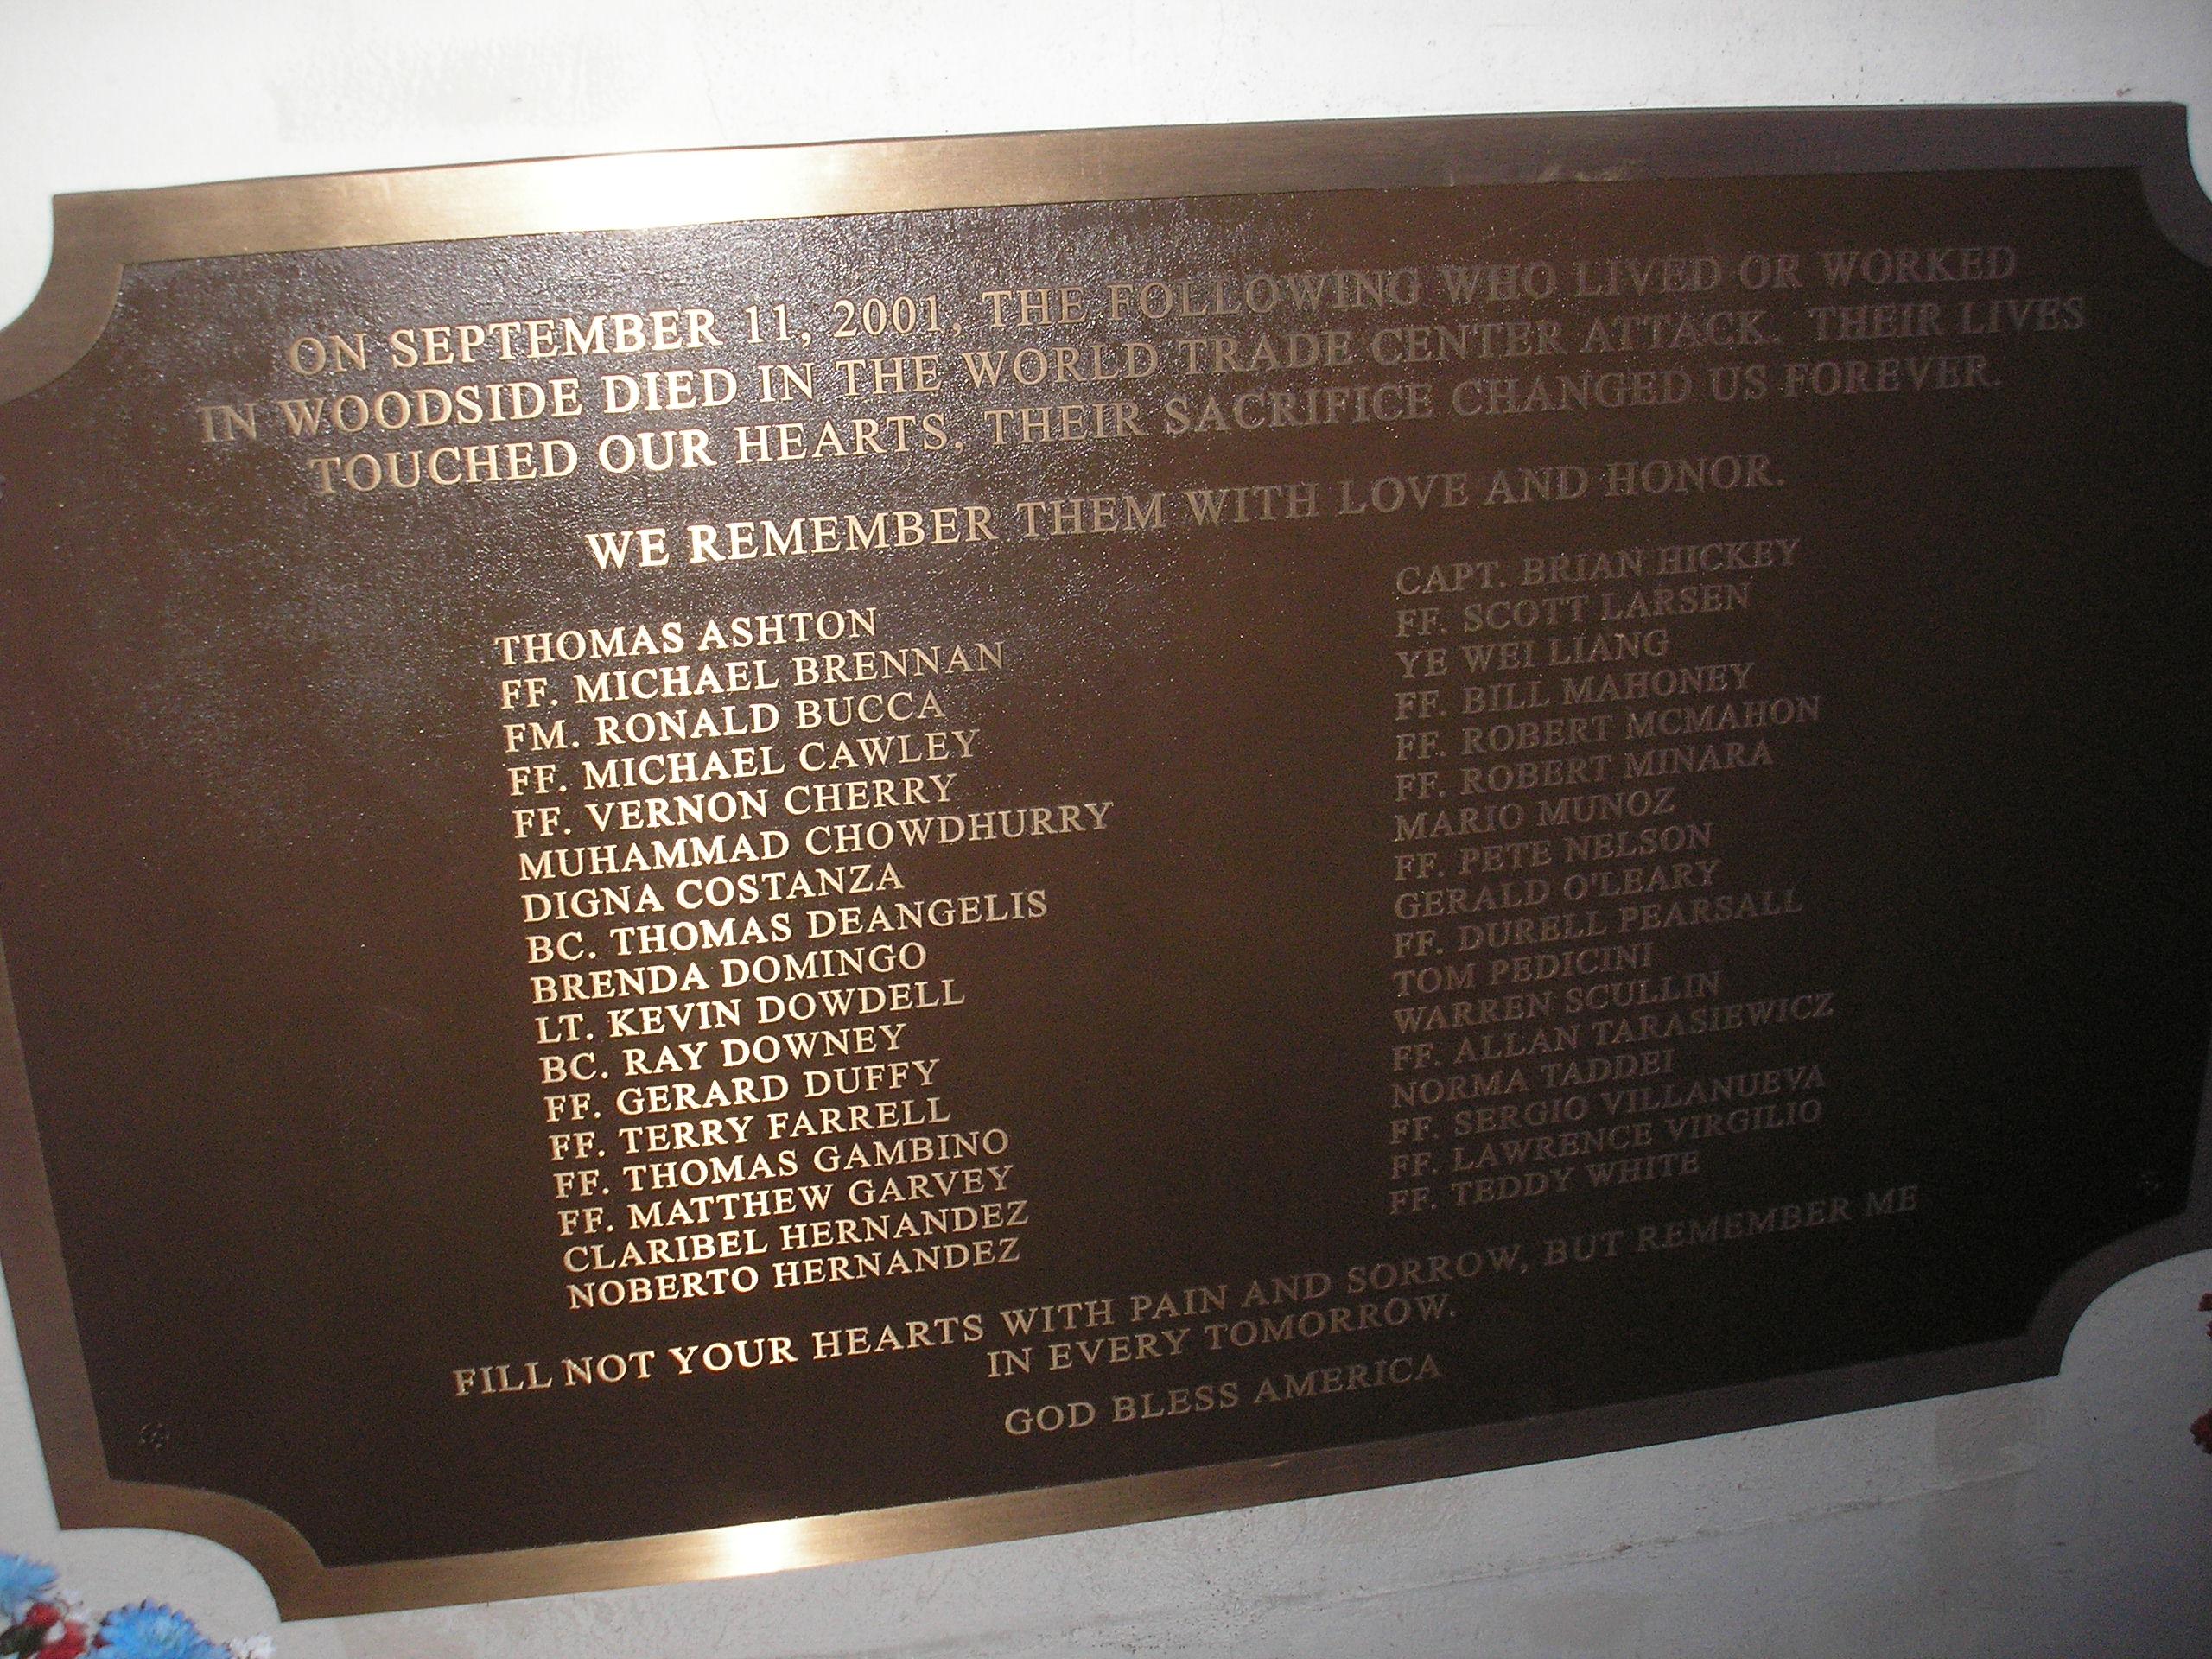 Woodside 911 Memorial